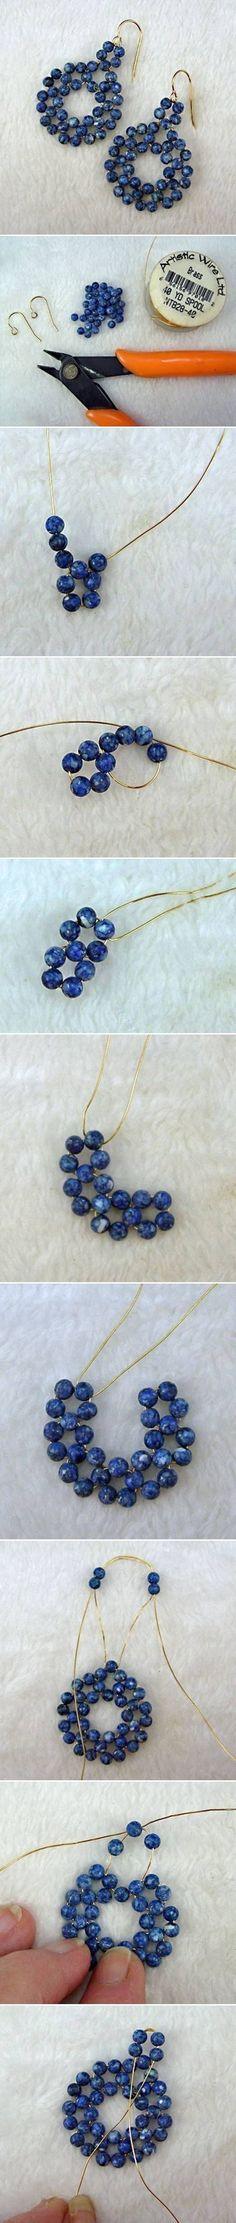 DIY Beads on Wire Earrings